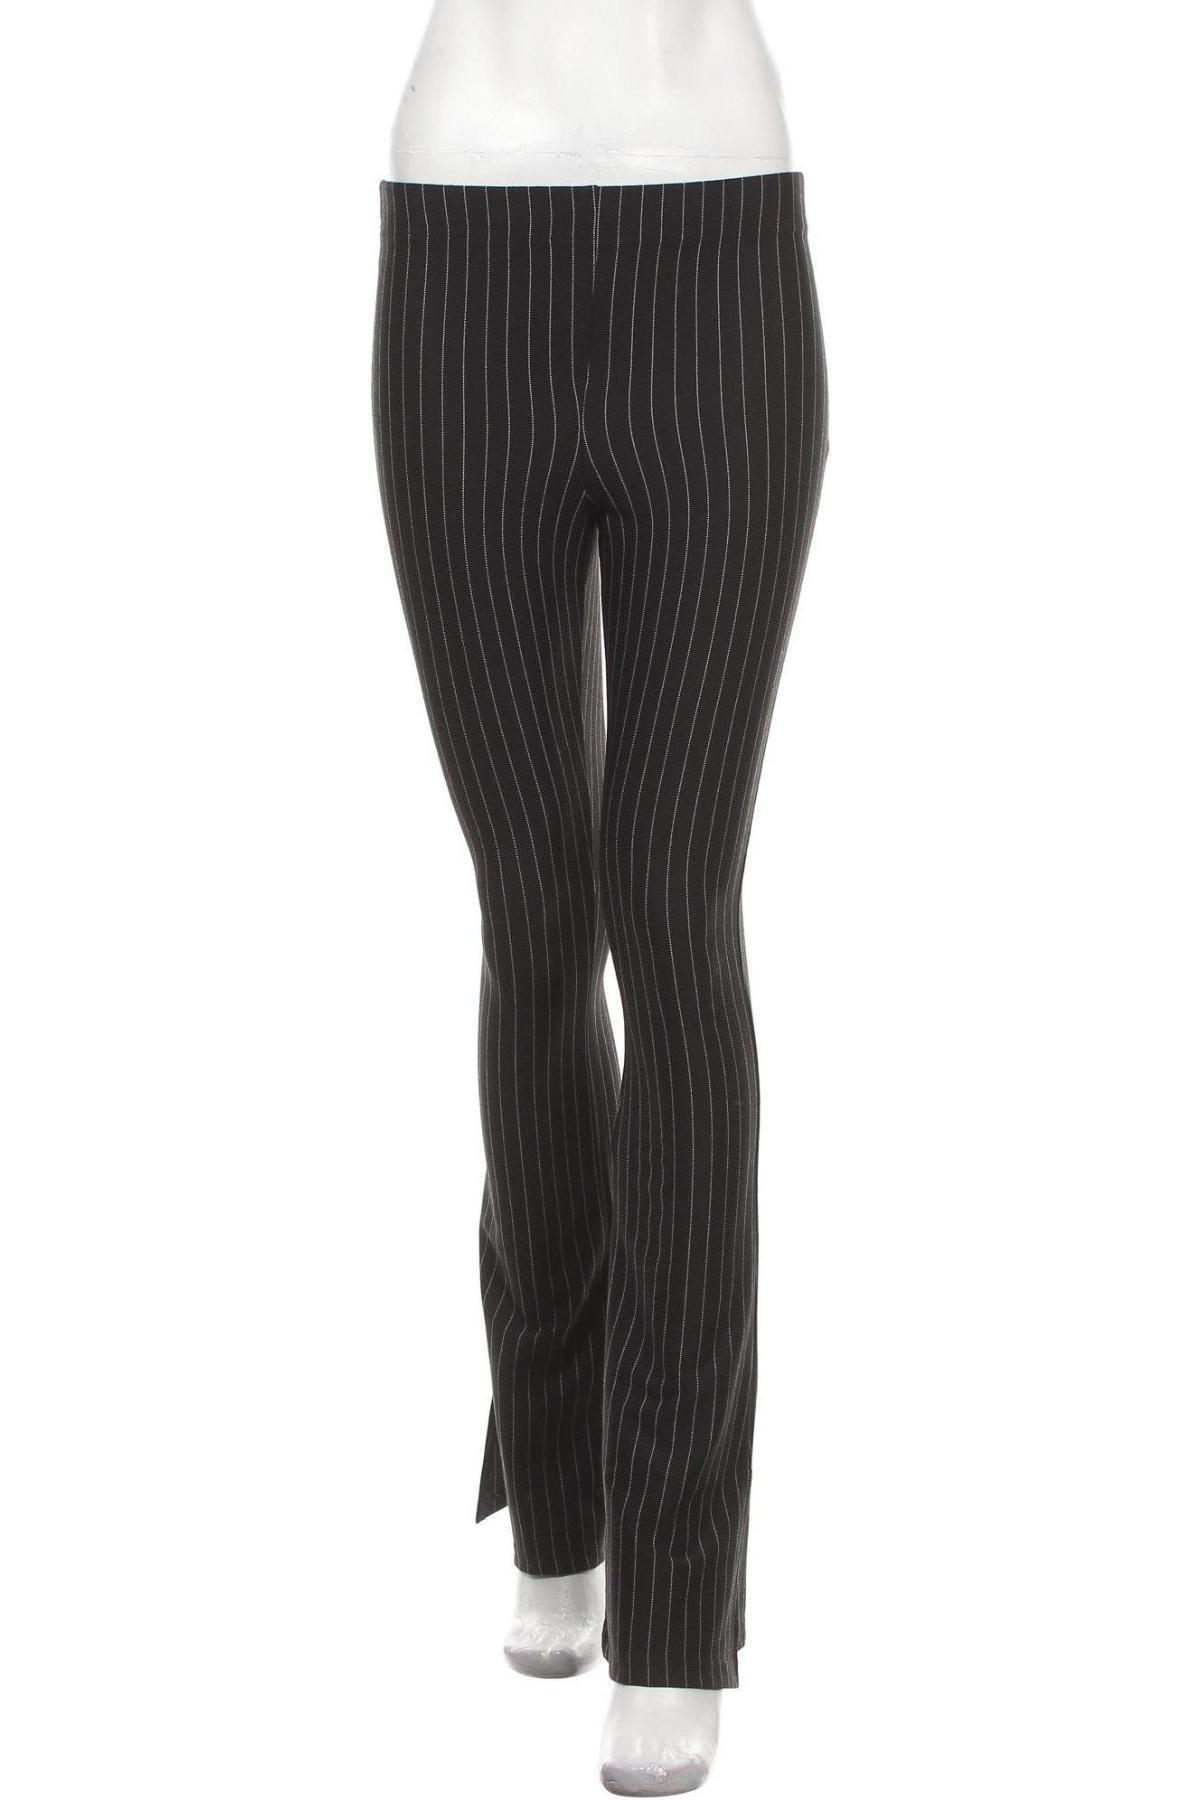 Дамски панталон Urban Outfitters, Размер XS, Цвят Черен, 70% полиестер, 27% вискоза, 3% еластан, Цена 59,25лв.